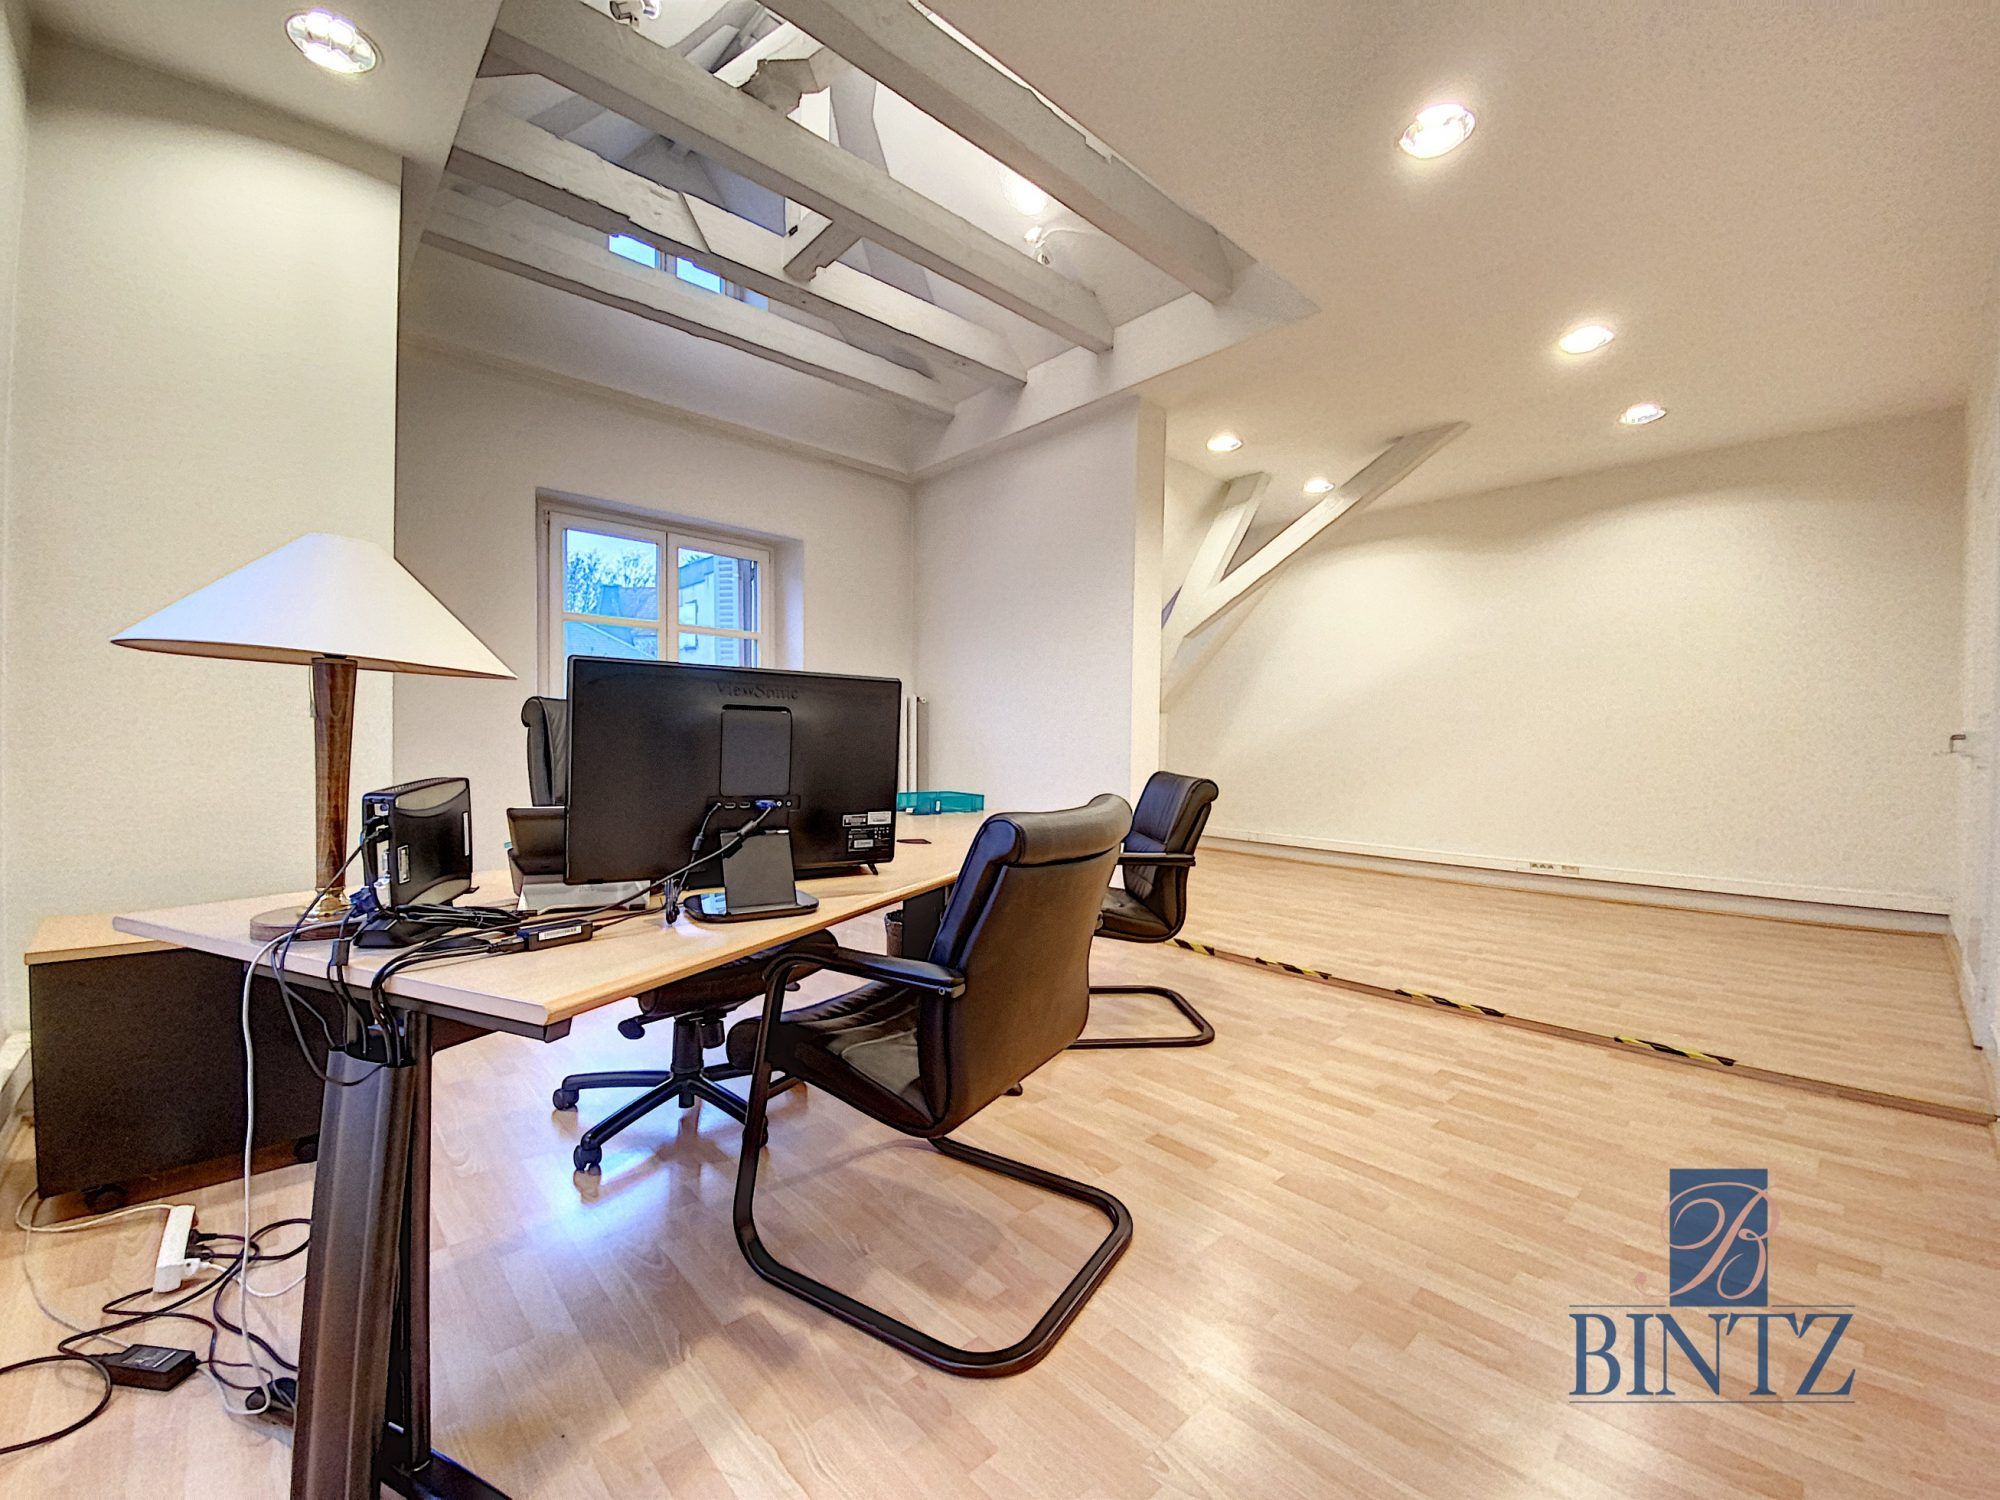 Immeuble de bureaux à louer - Devenez locataire en toute sérénité - Bintz Immobilier - 18